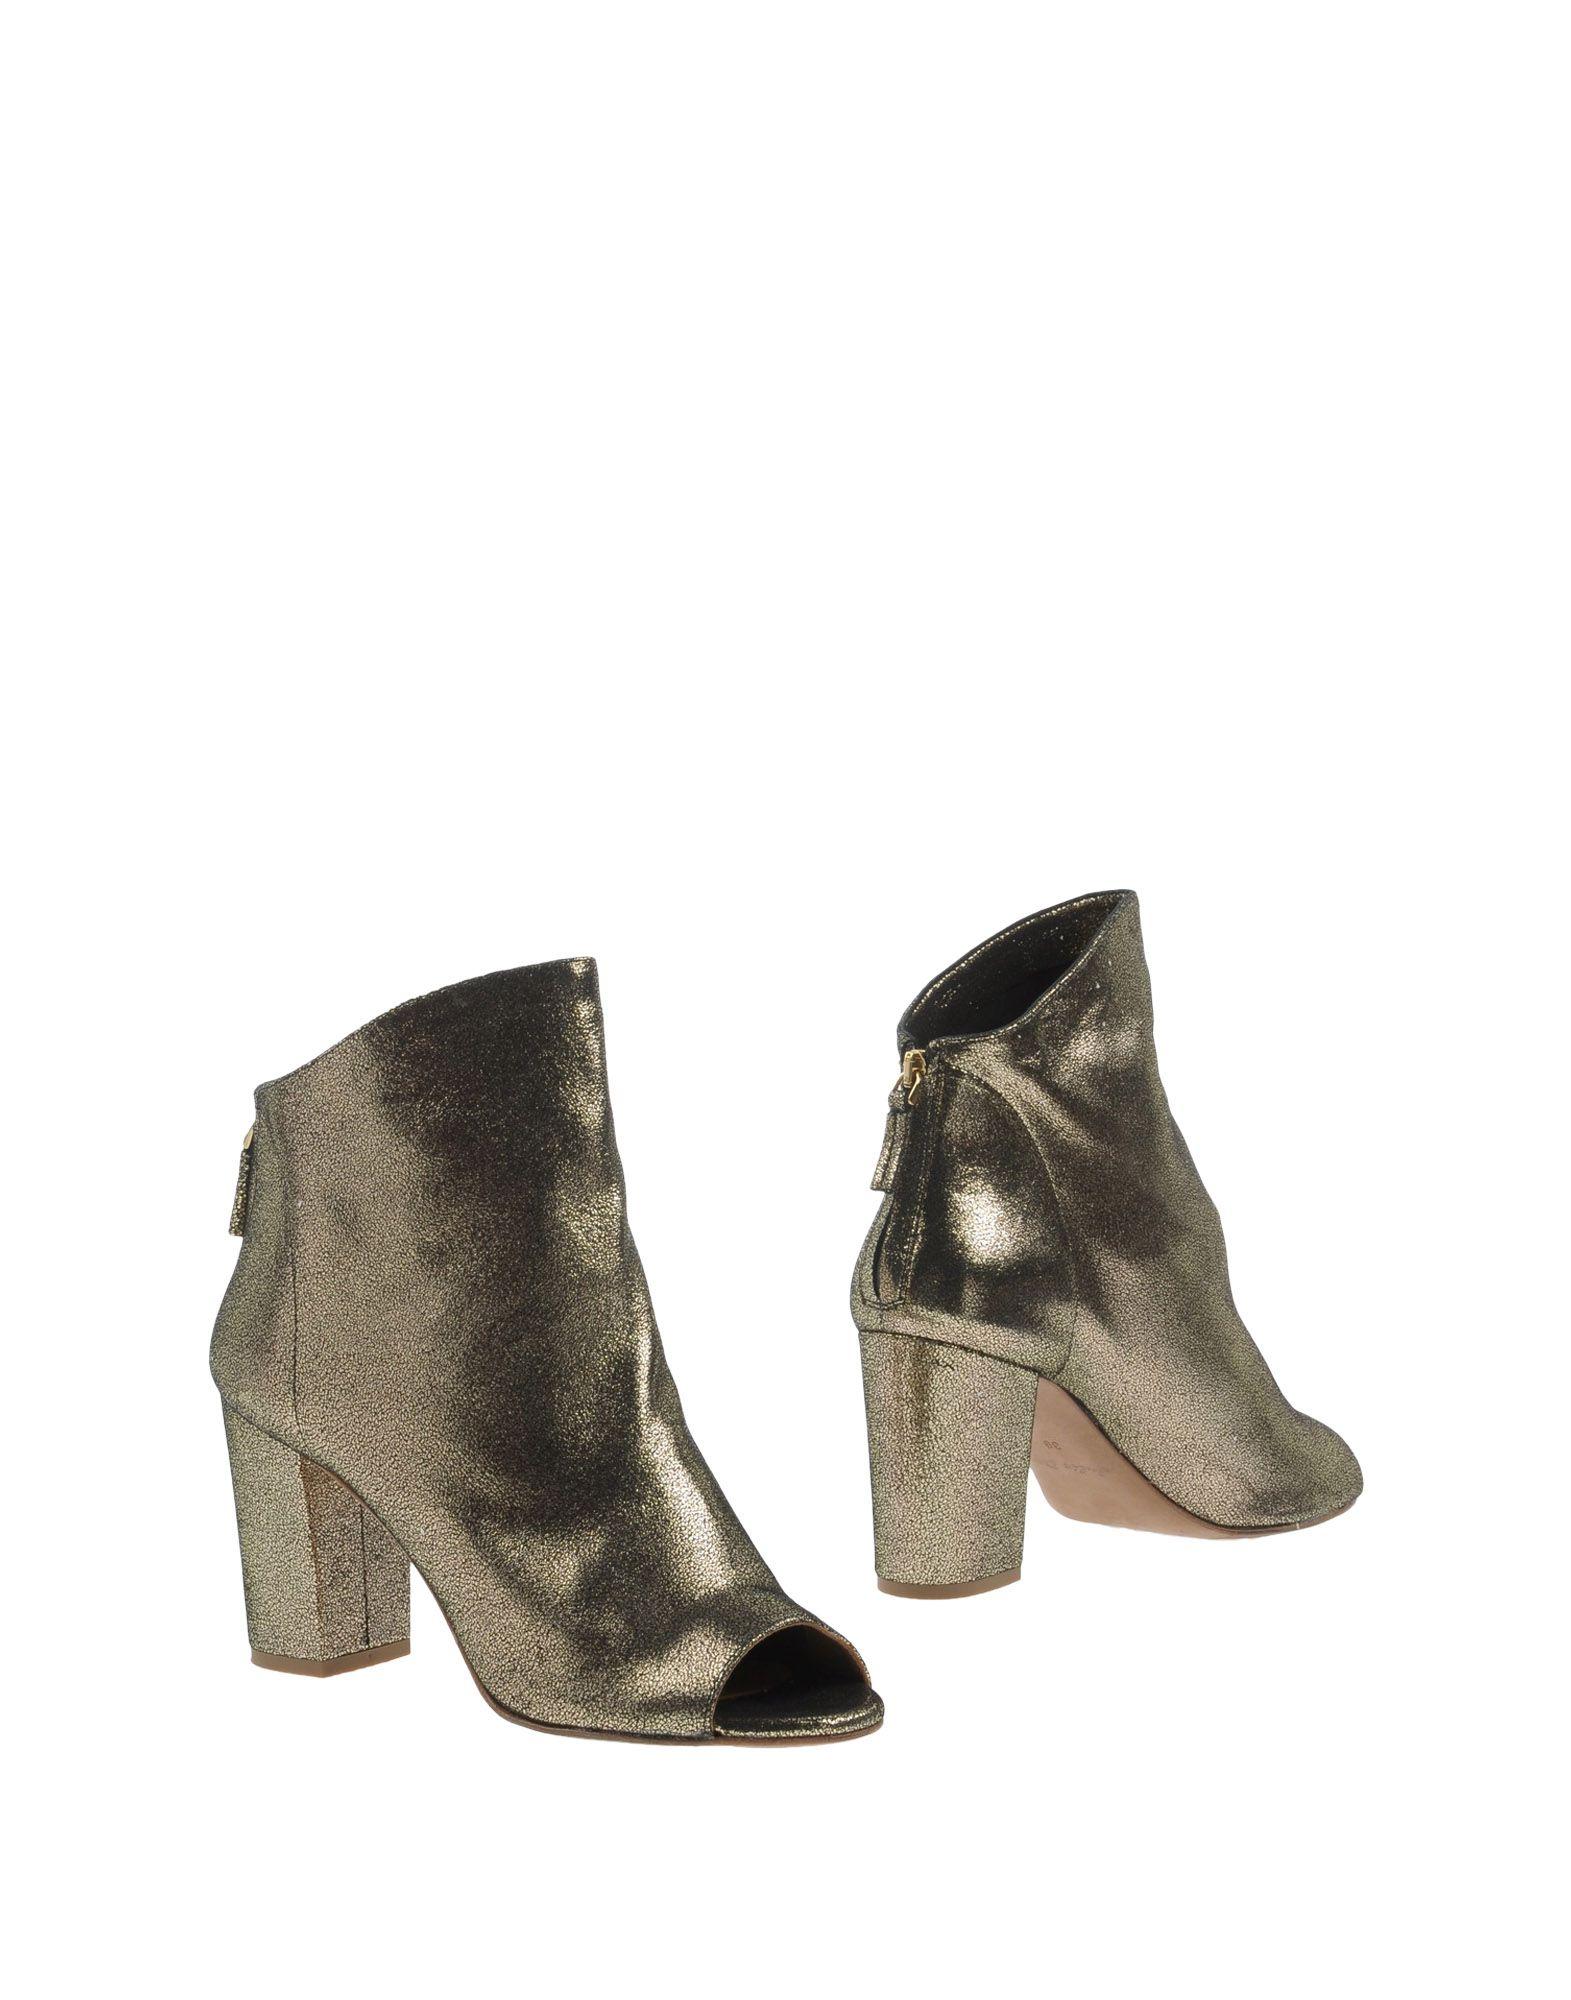 J|D JULIE DEE Полусапоги и высокие ботинки плейбой бренд осенью открытый скалолазания и пешие прогулки досуга для дыхания и водонепроницаемым мужские ботинки